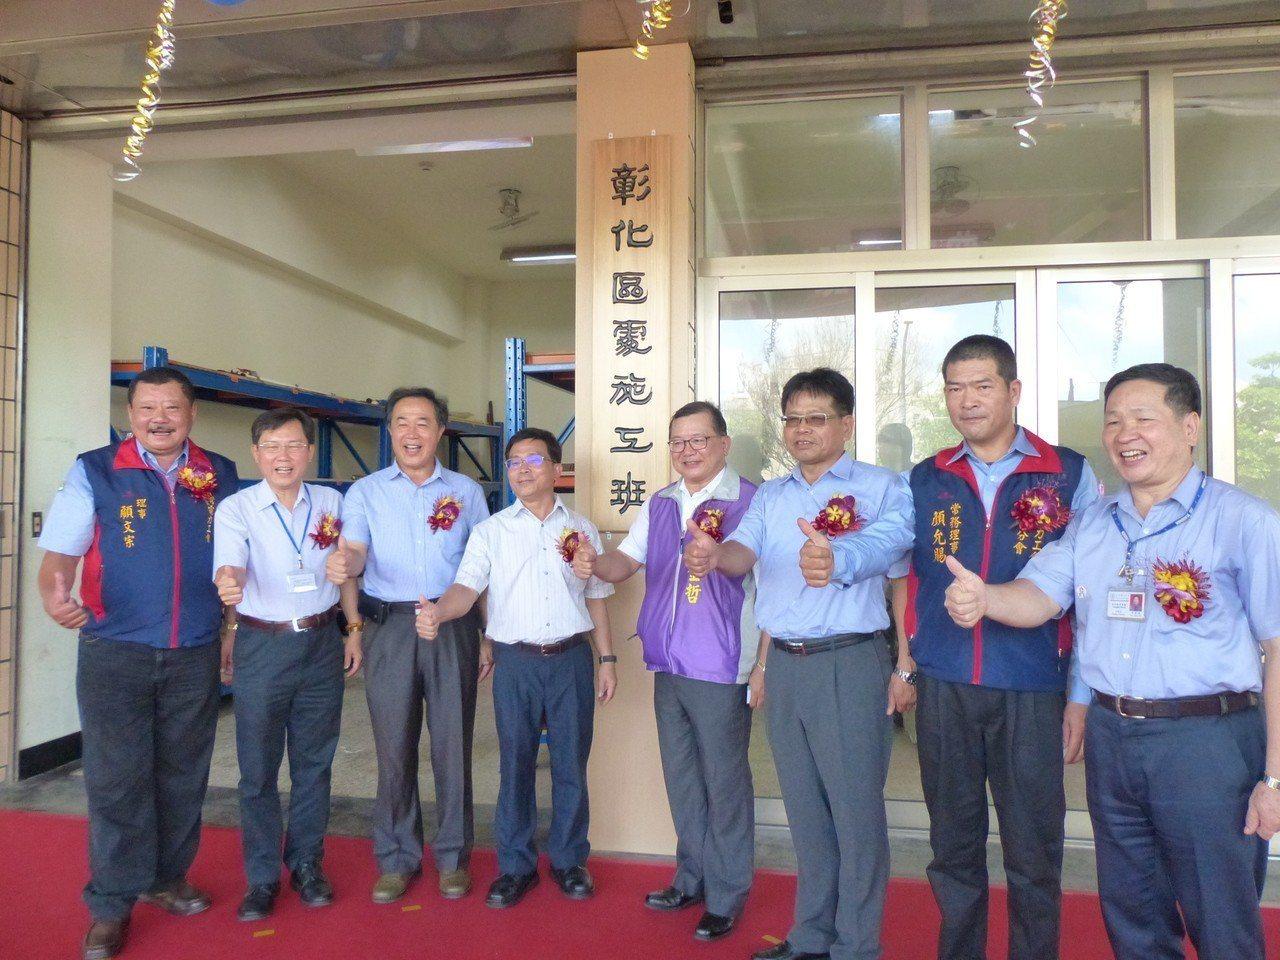 台電彰化區處新召募施工班24人今天成軍,並舉辦揭牌儀式。記者劉明岩/攝影